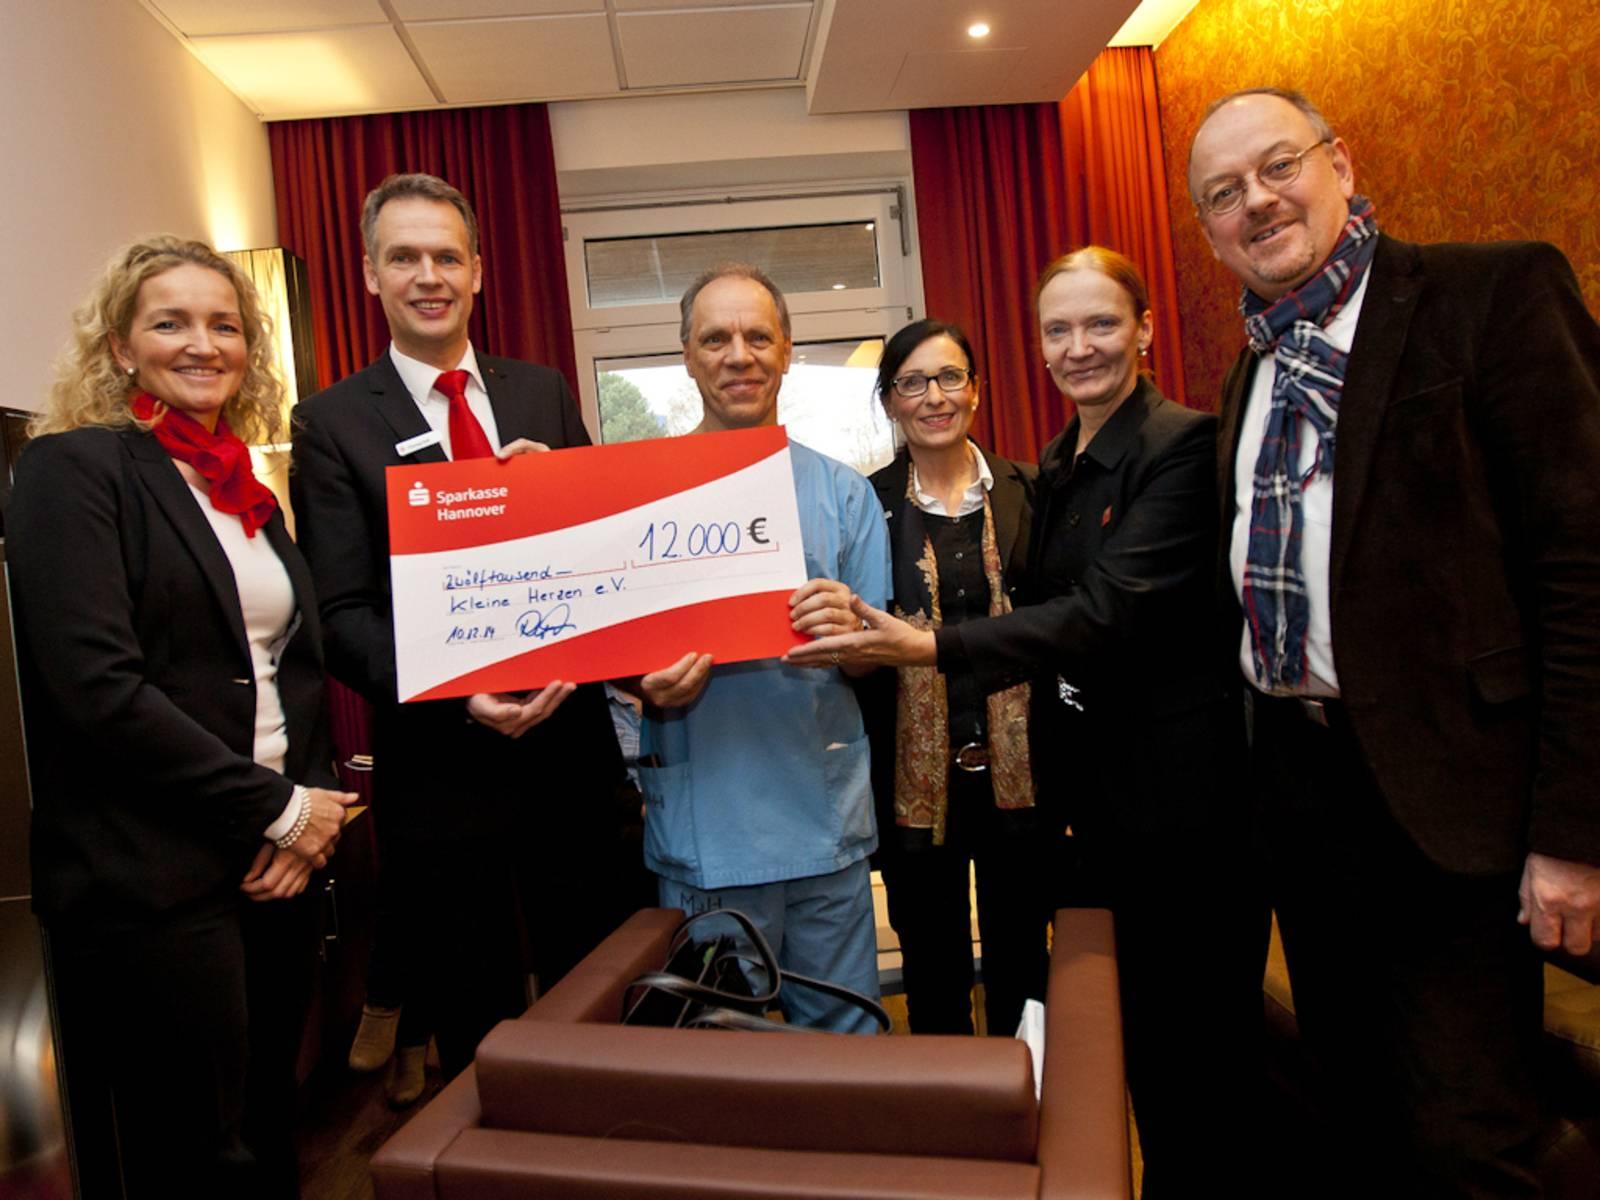 Drei Frauen und drei Männer halten einen symbolischen rot-weißen Check über 12.000 € in die Kamera.